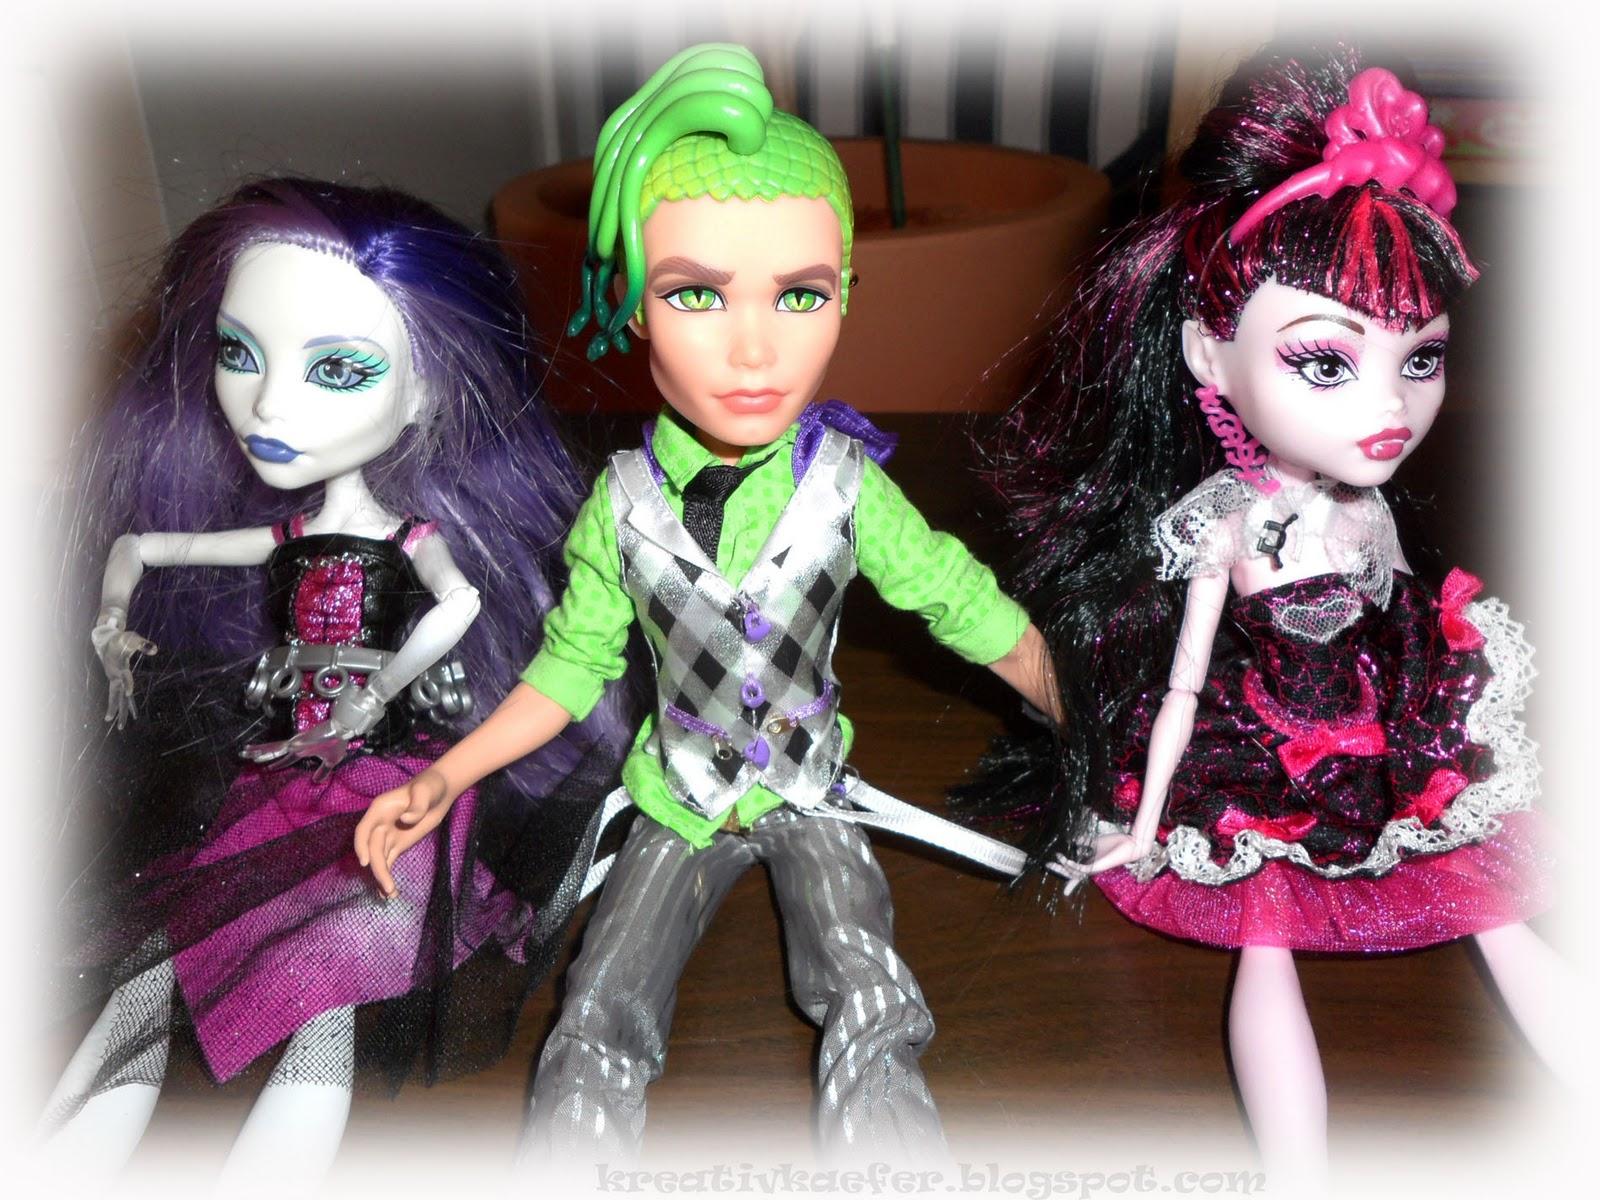 Kann man einer Barbie die Haare färben? (Puppen)